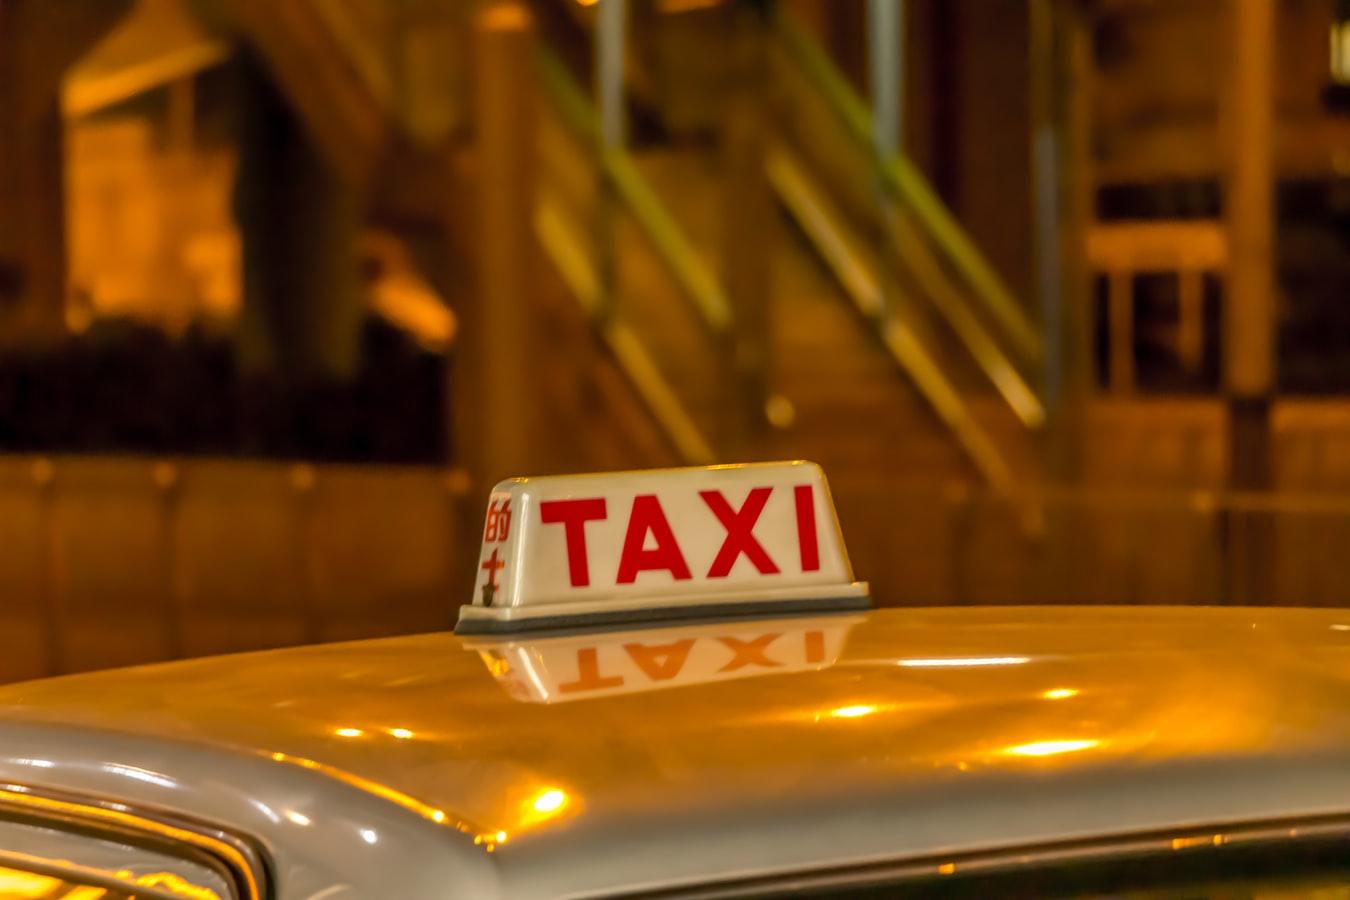 Le taxi, un service avantageux pour les déplacements